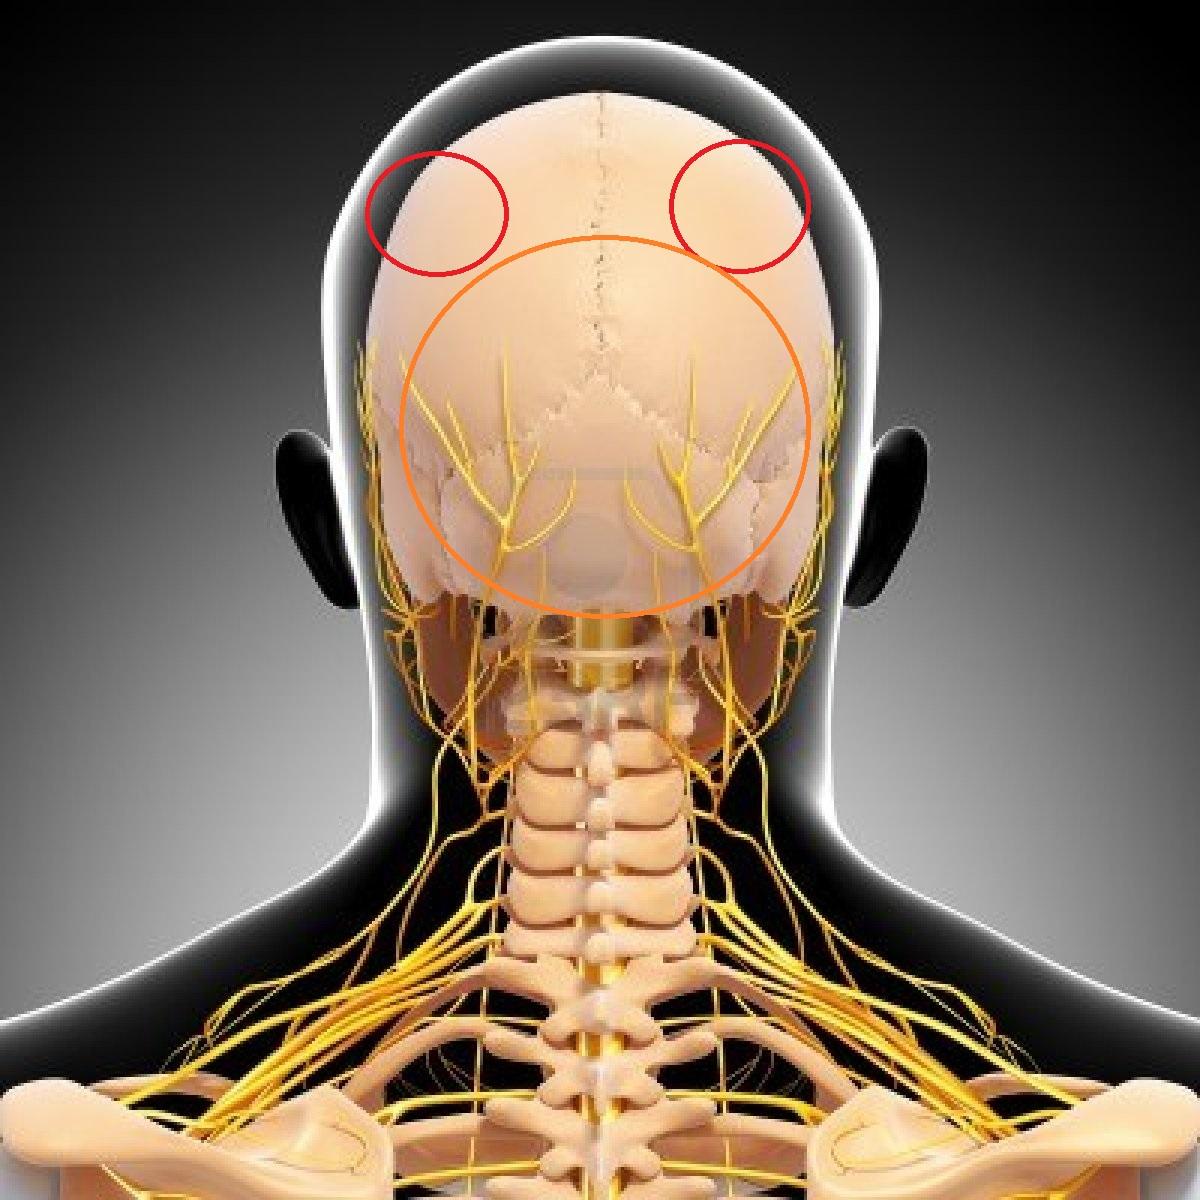 Kopfschmerzen bei Onanieren / Mann (Gesundheit, Medizin